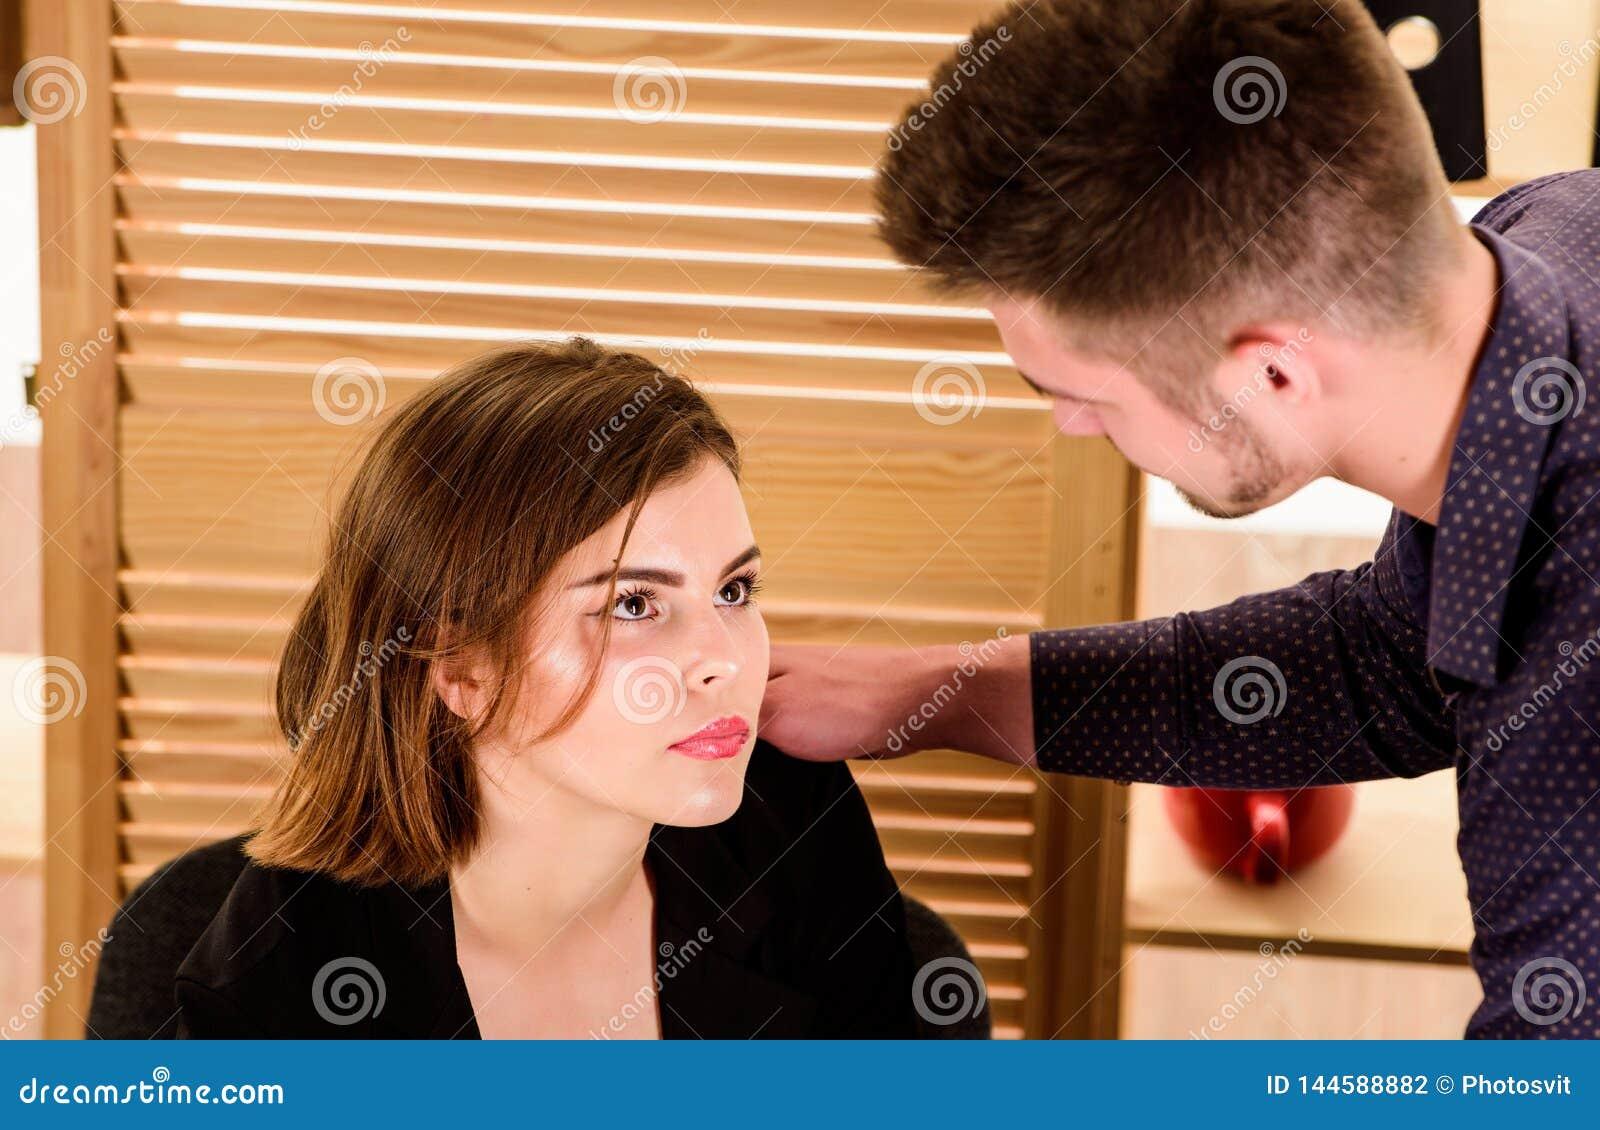 serieus dating dating en skilt mann med en sønn